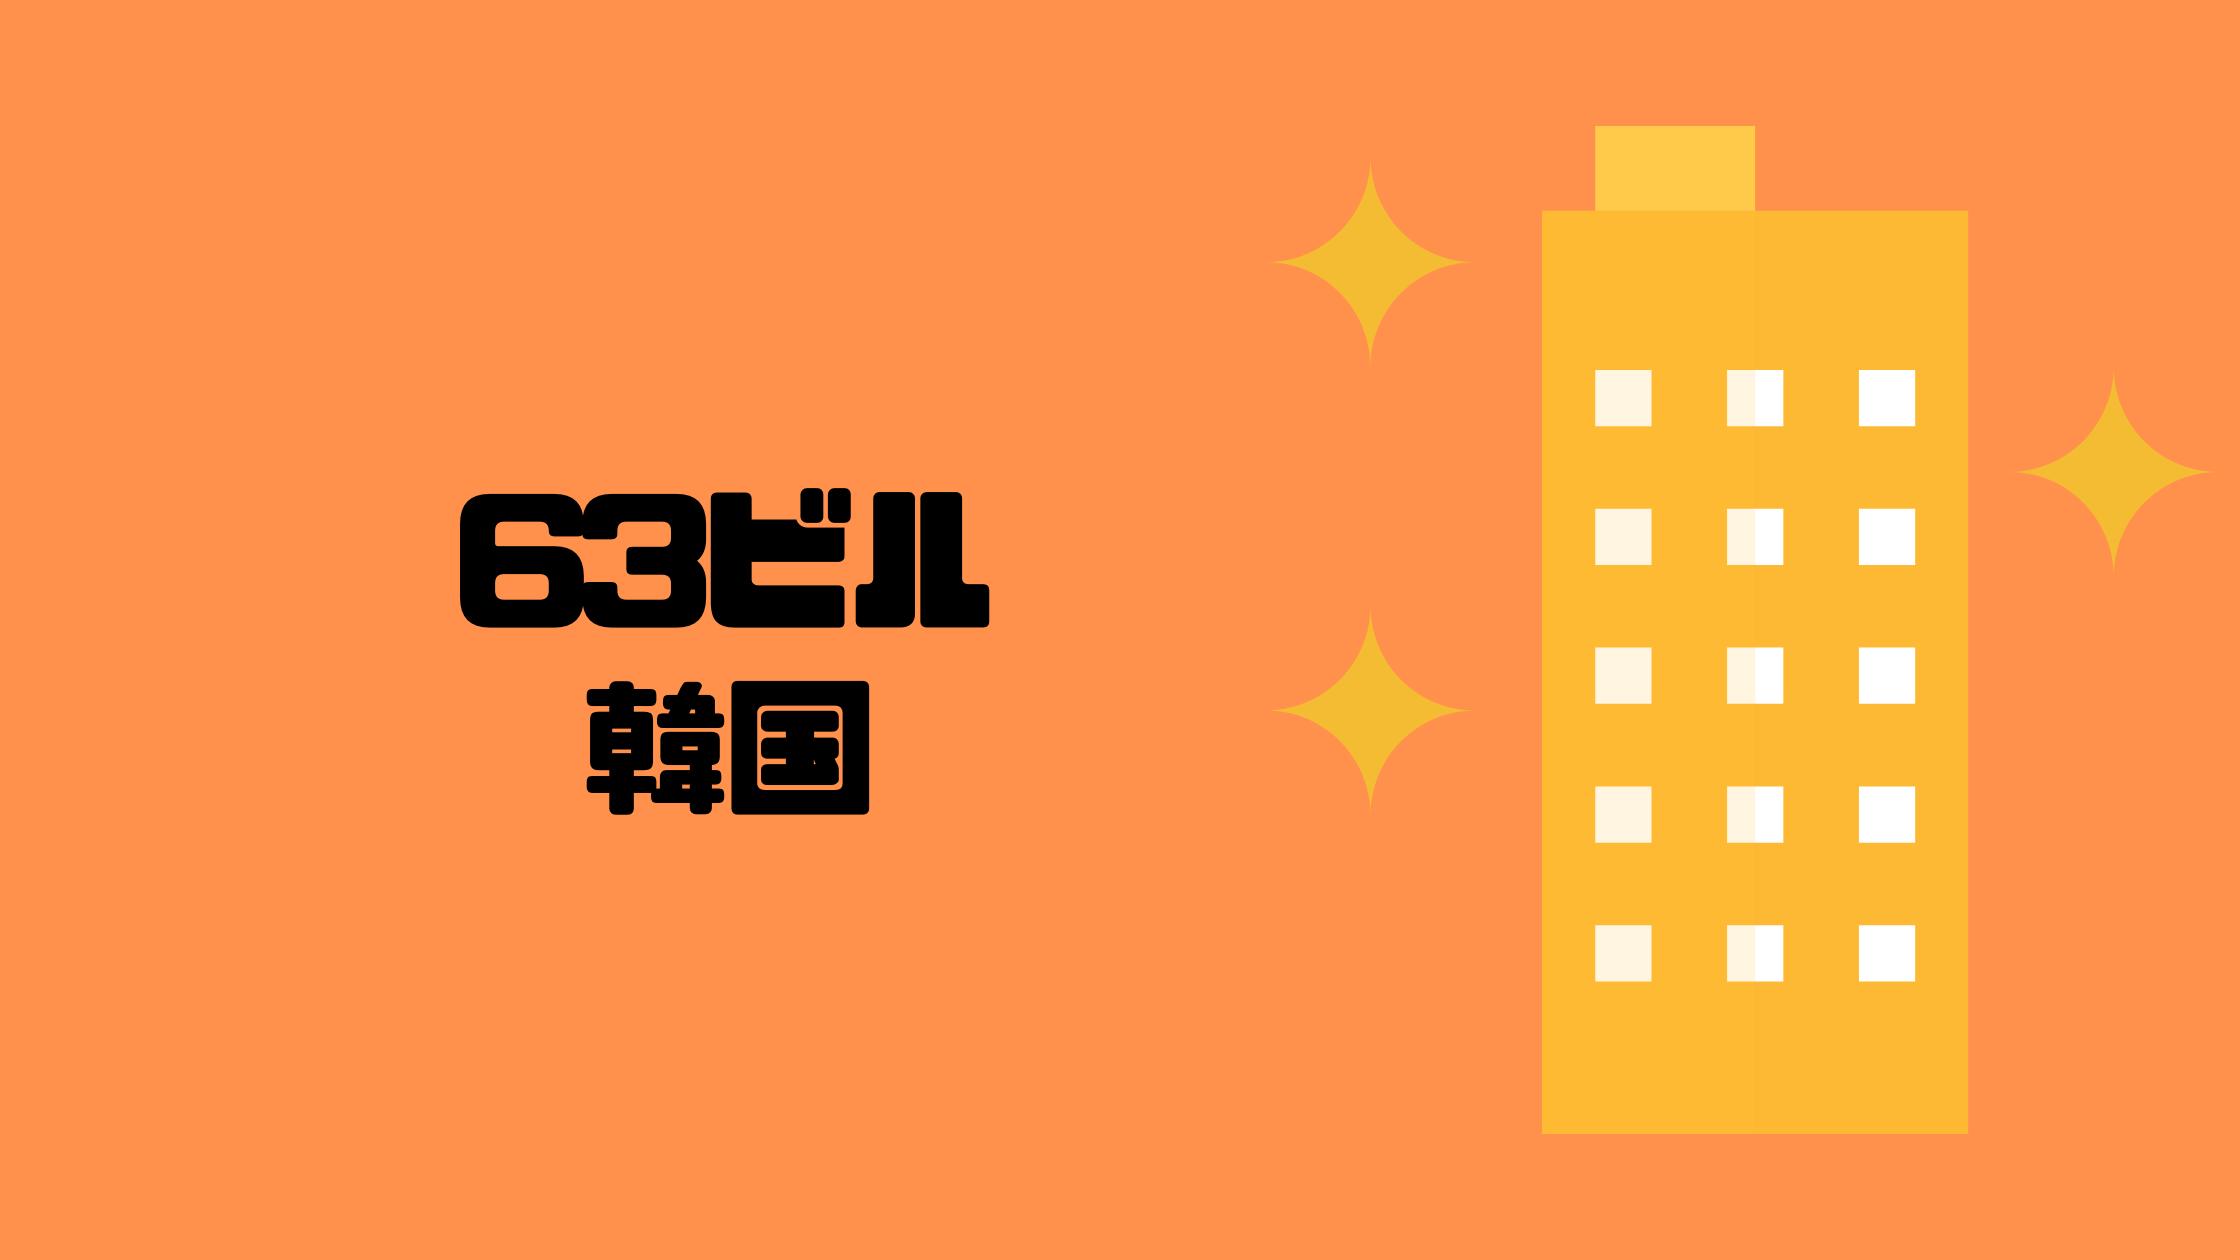 63ビル|ソウル|韓国【金運トリップ】